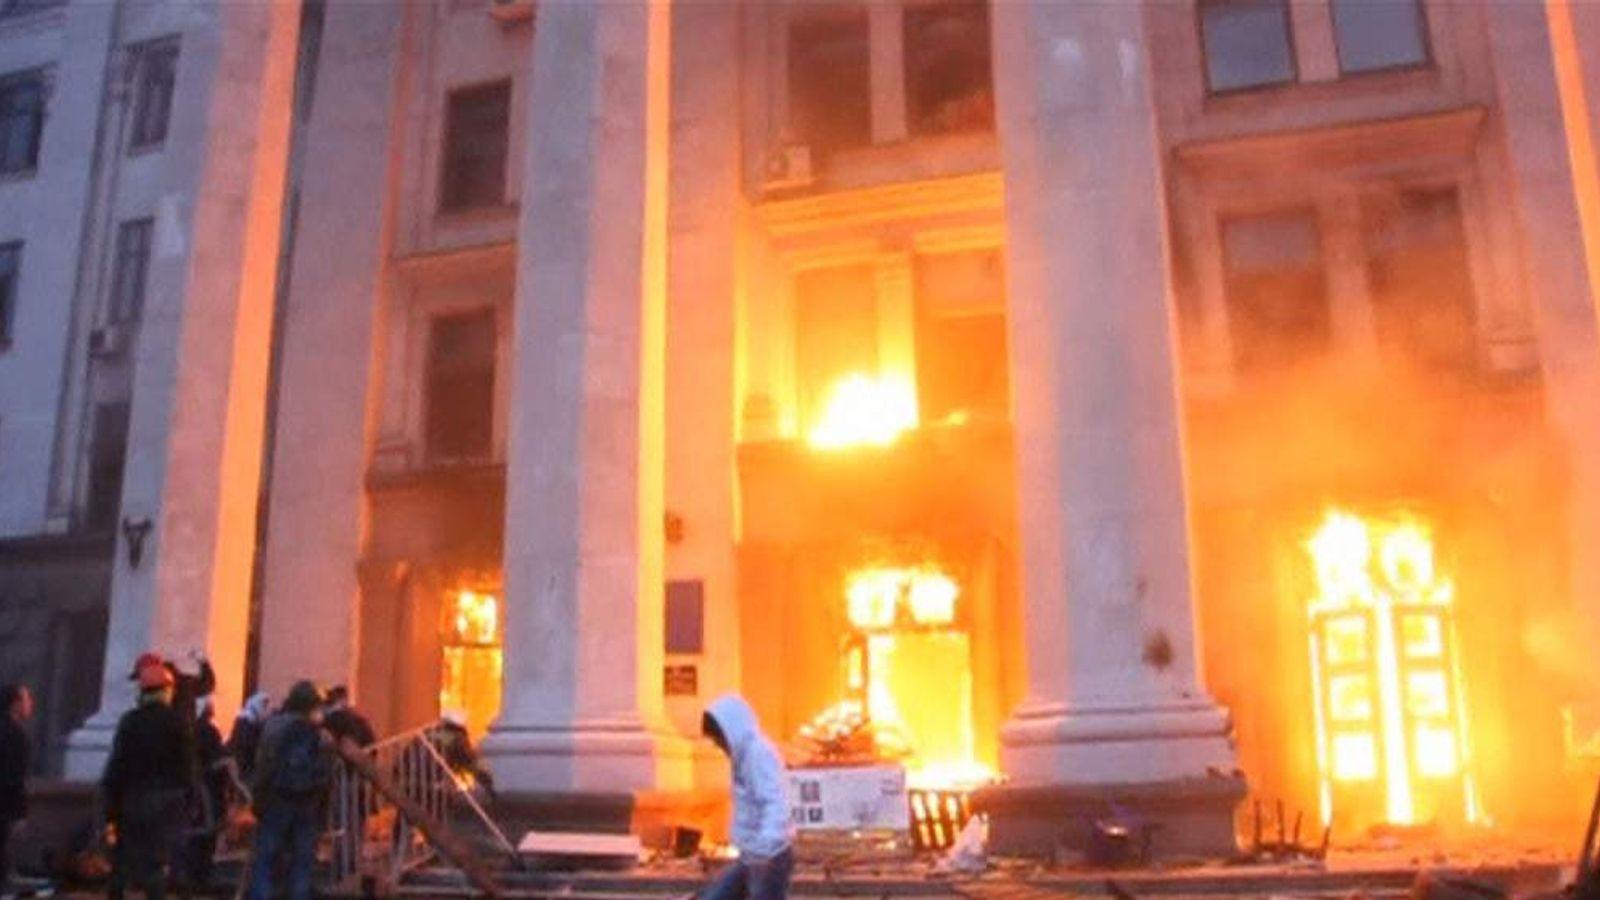 Unrest in Slavyansk